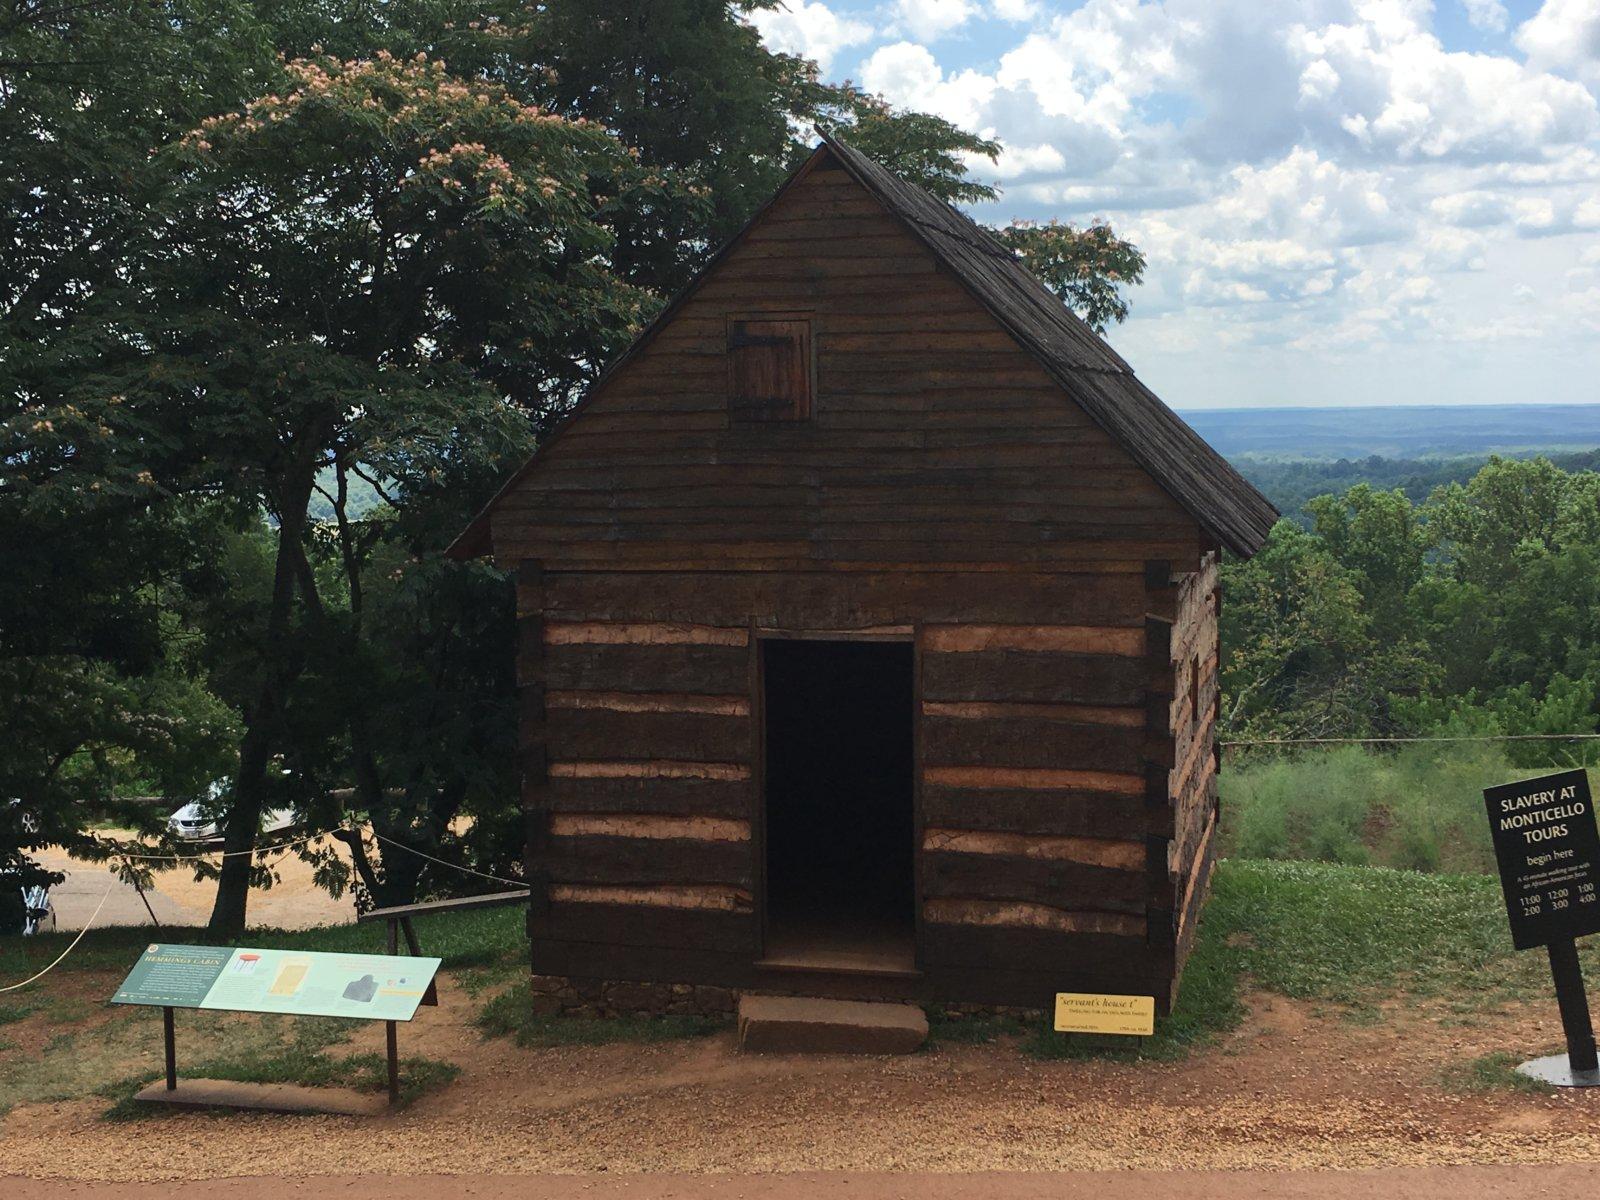 719-Monticello02